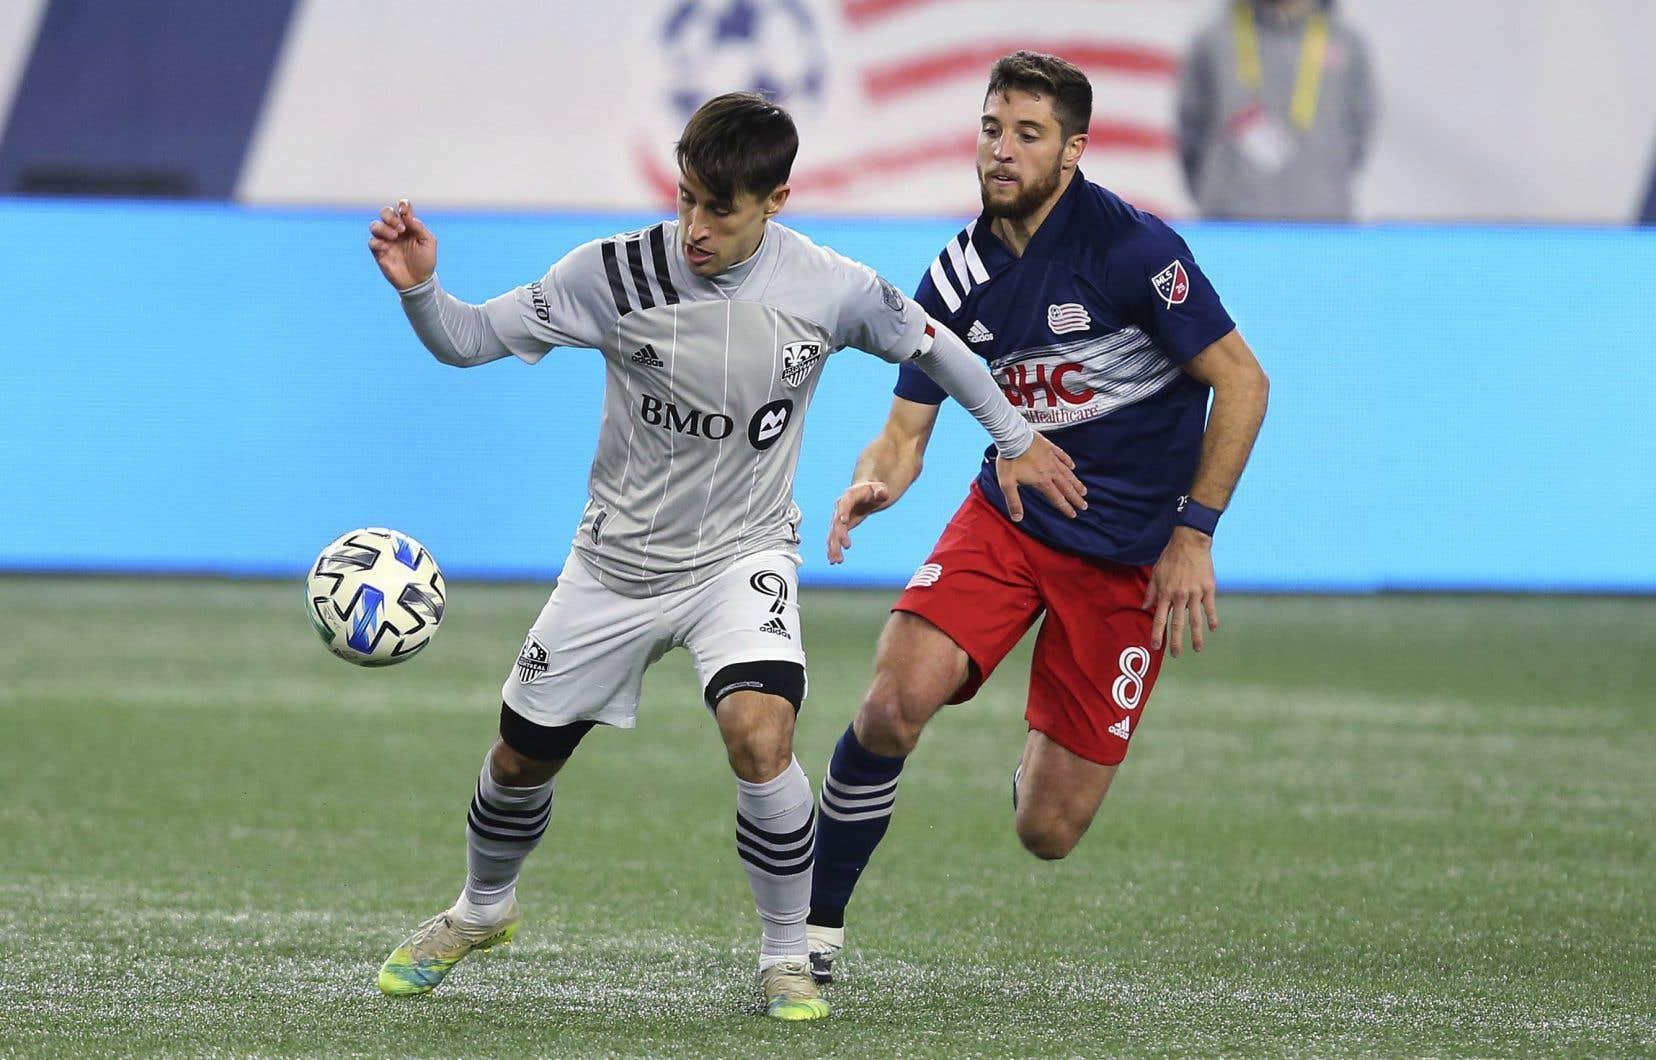 Le milieu espagnol Bojan Krkic (à gauche) a marqué quatre buts pour l'Impact en 2020, tous à compter du 27 septembre dernier. Le voici lors du dernier match du Bleu-Blanc-Noir, perdu aux mains du Revolution de la Nouvelle-Angleterre.